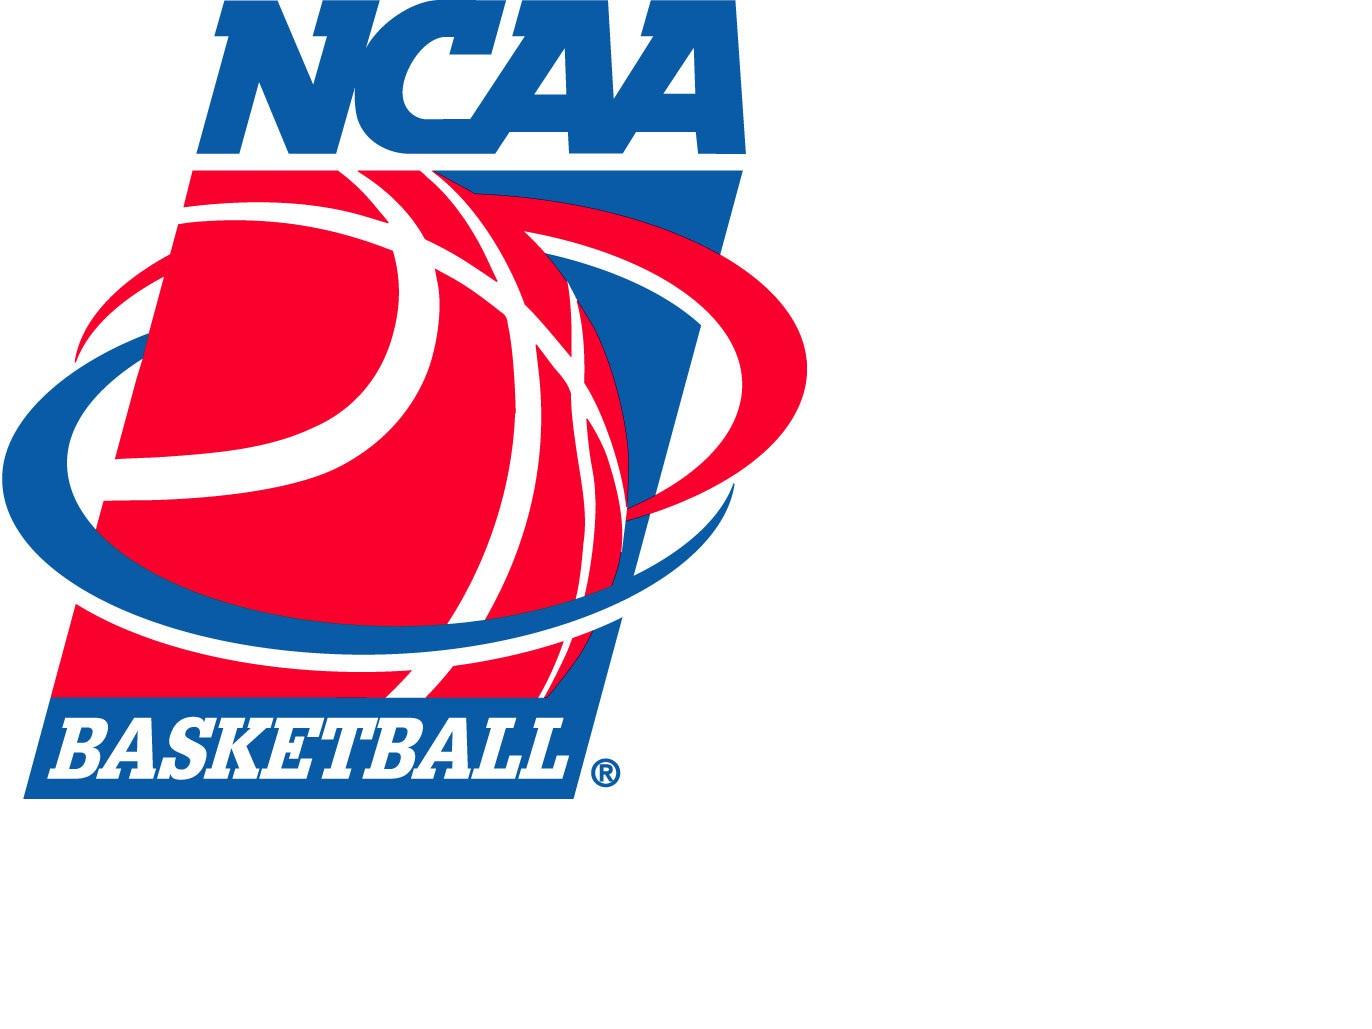 Ncaa basketball Logos.